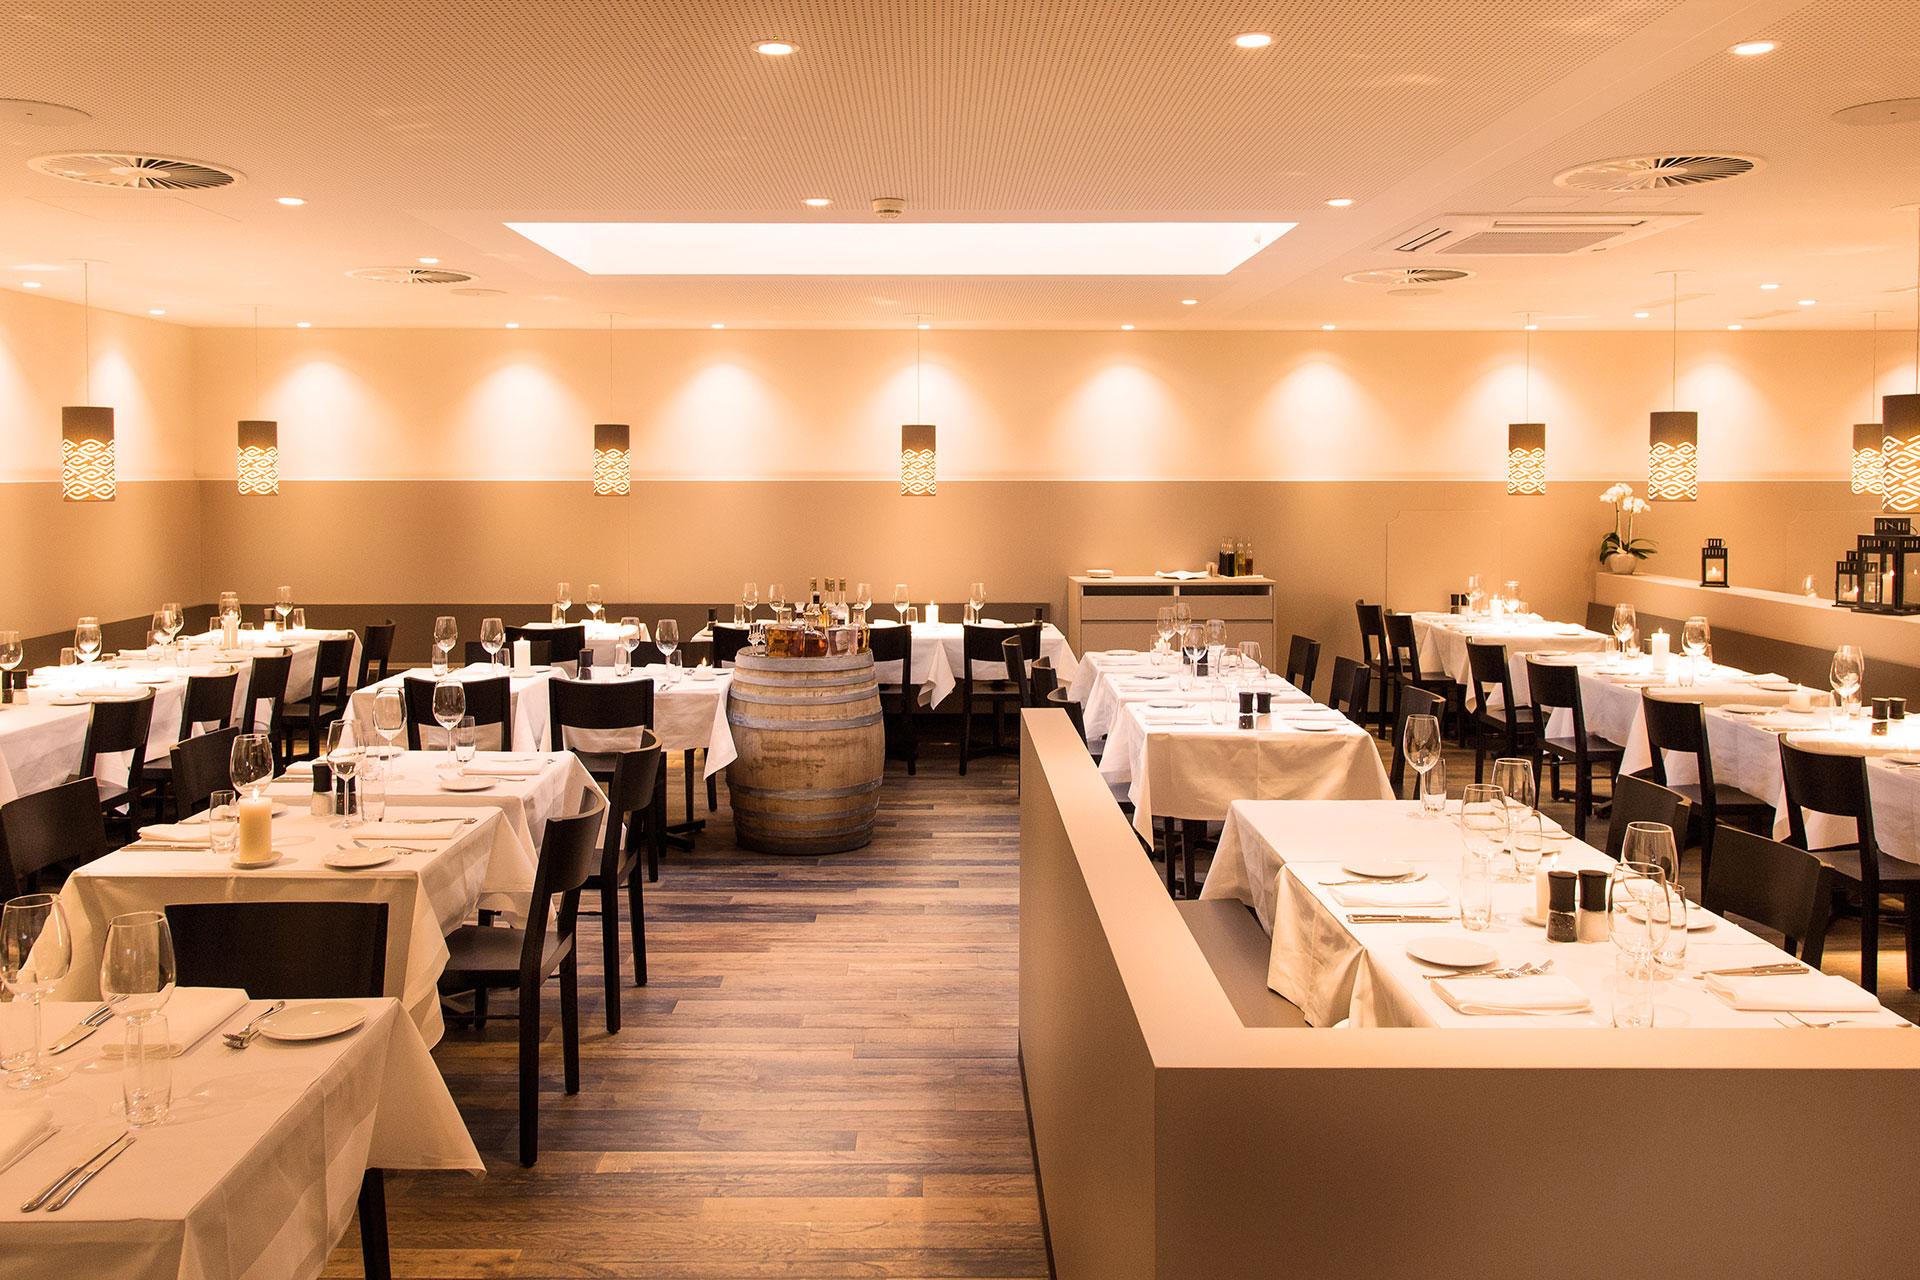 restaurant_tische_stühle_licht_grappa